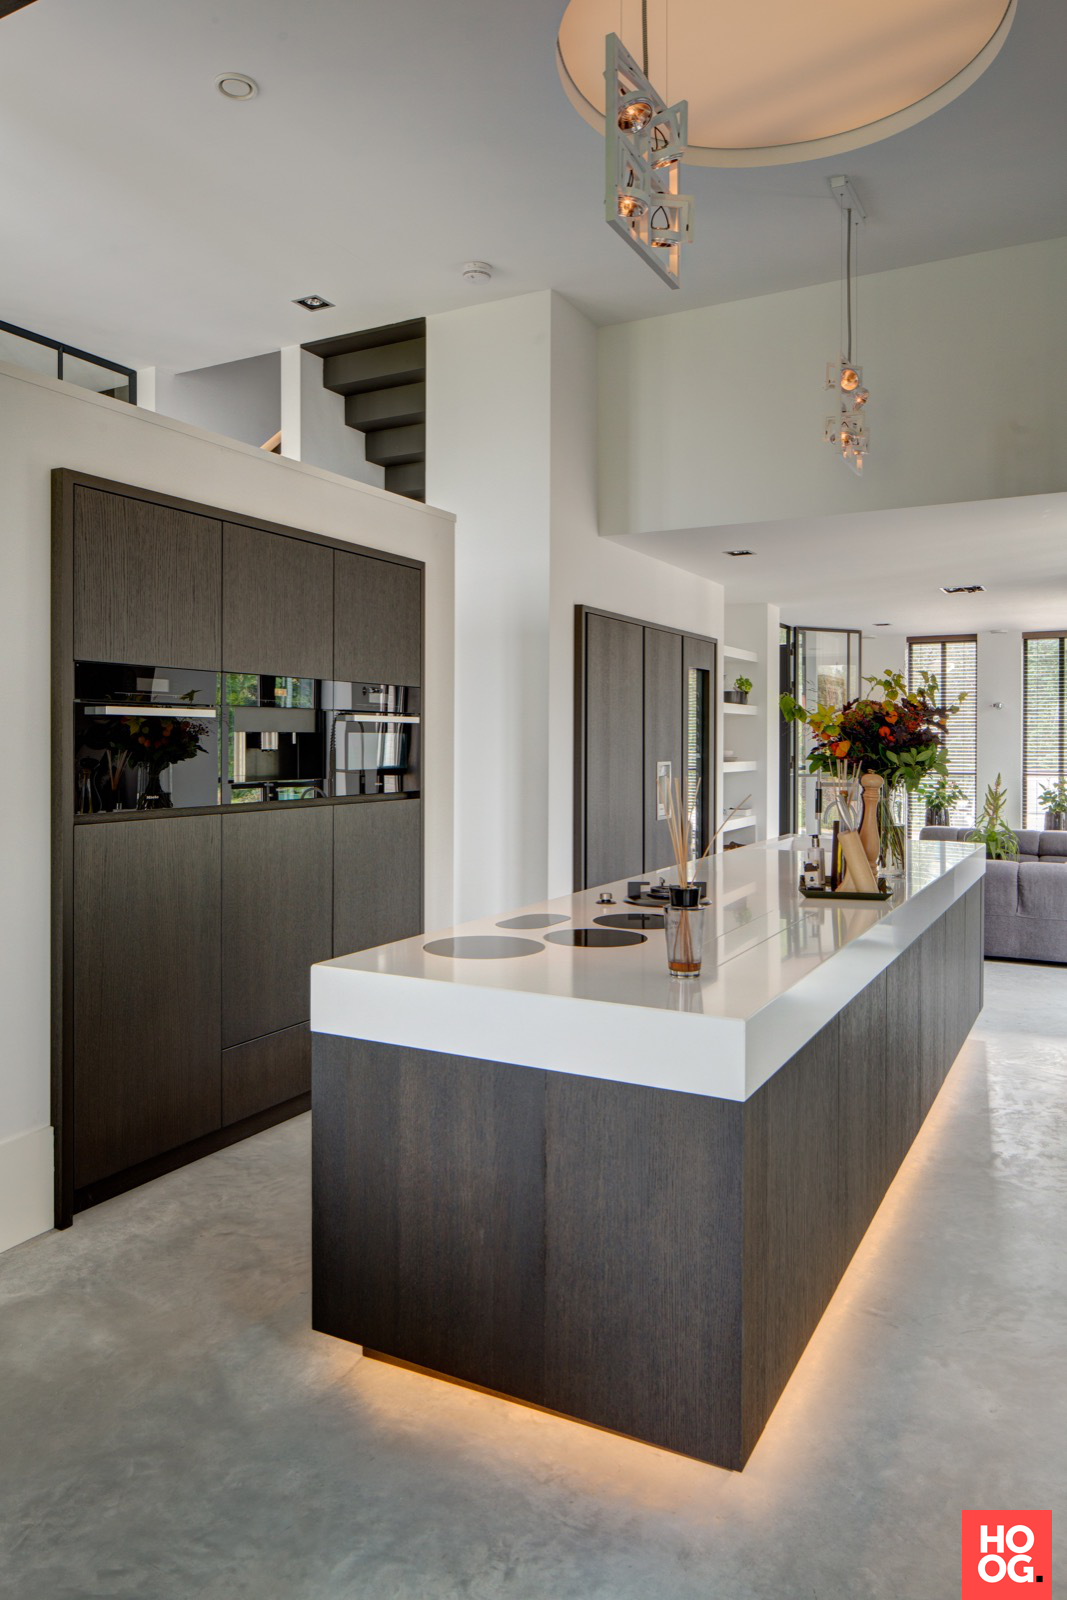 Rmr interieurbouw puur hoog exclusieve woon en tuin inspiratie keukens pinterest - Keuken met kookeiland table ...